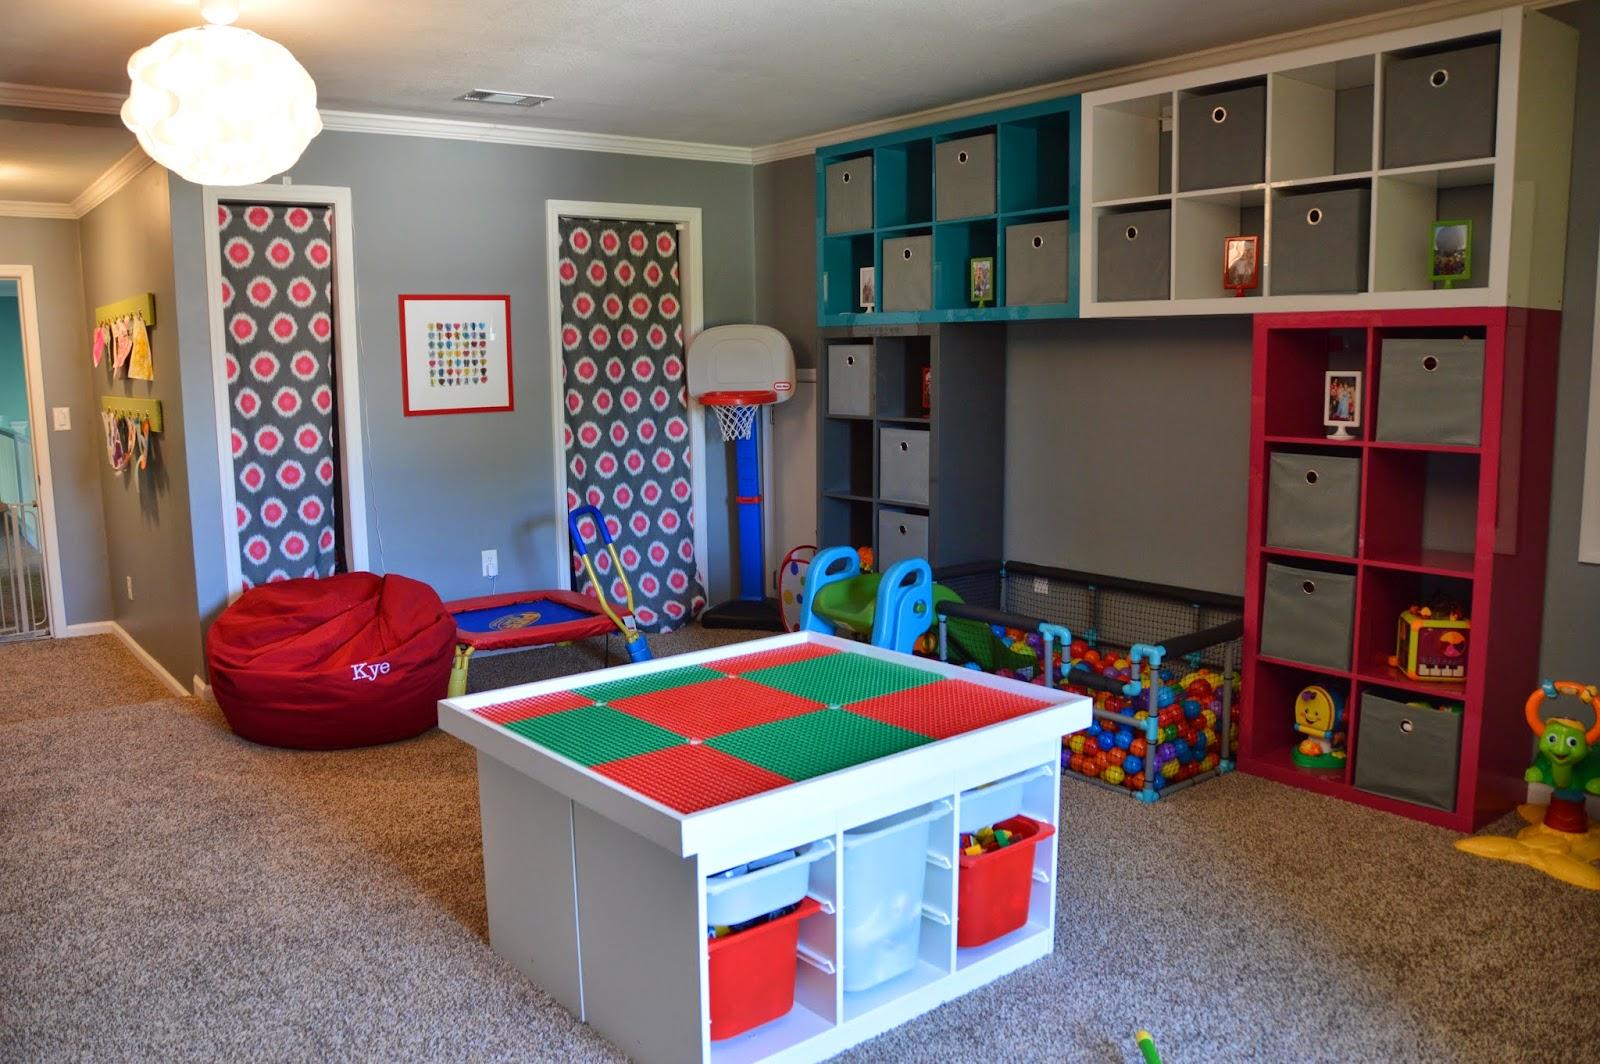 Sala giochi per bambini con ikea stuva e kallax for Ikea camera bambini